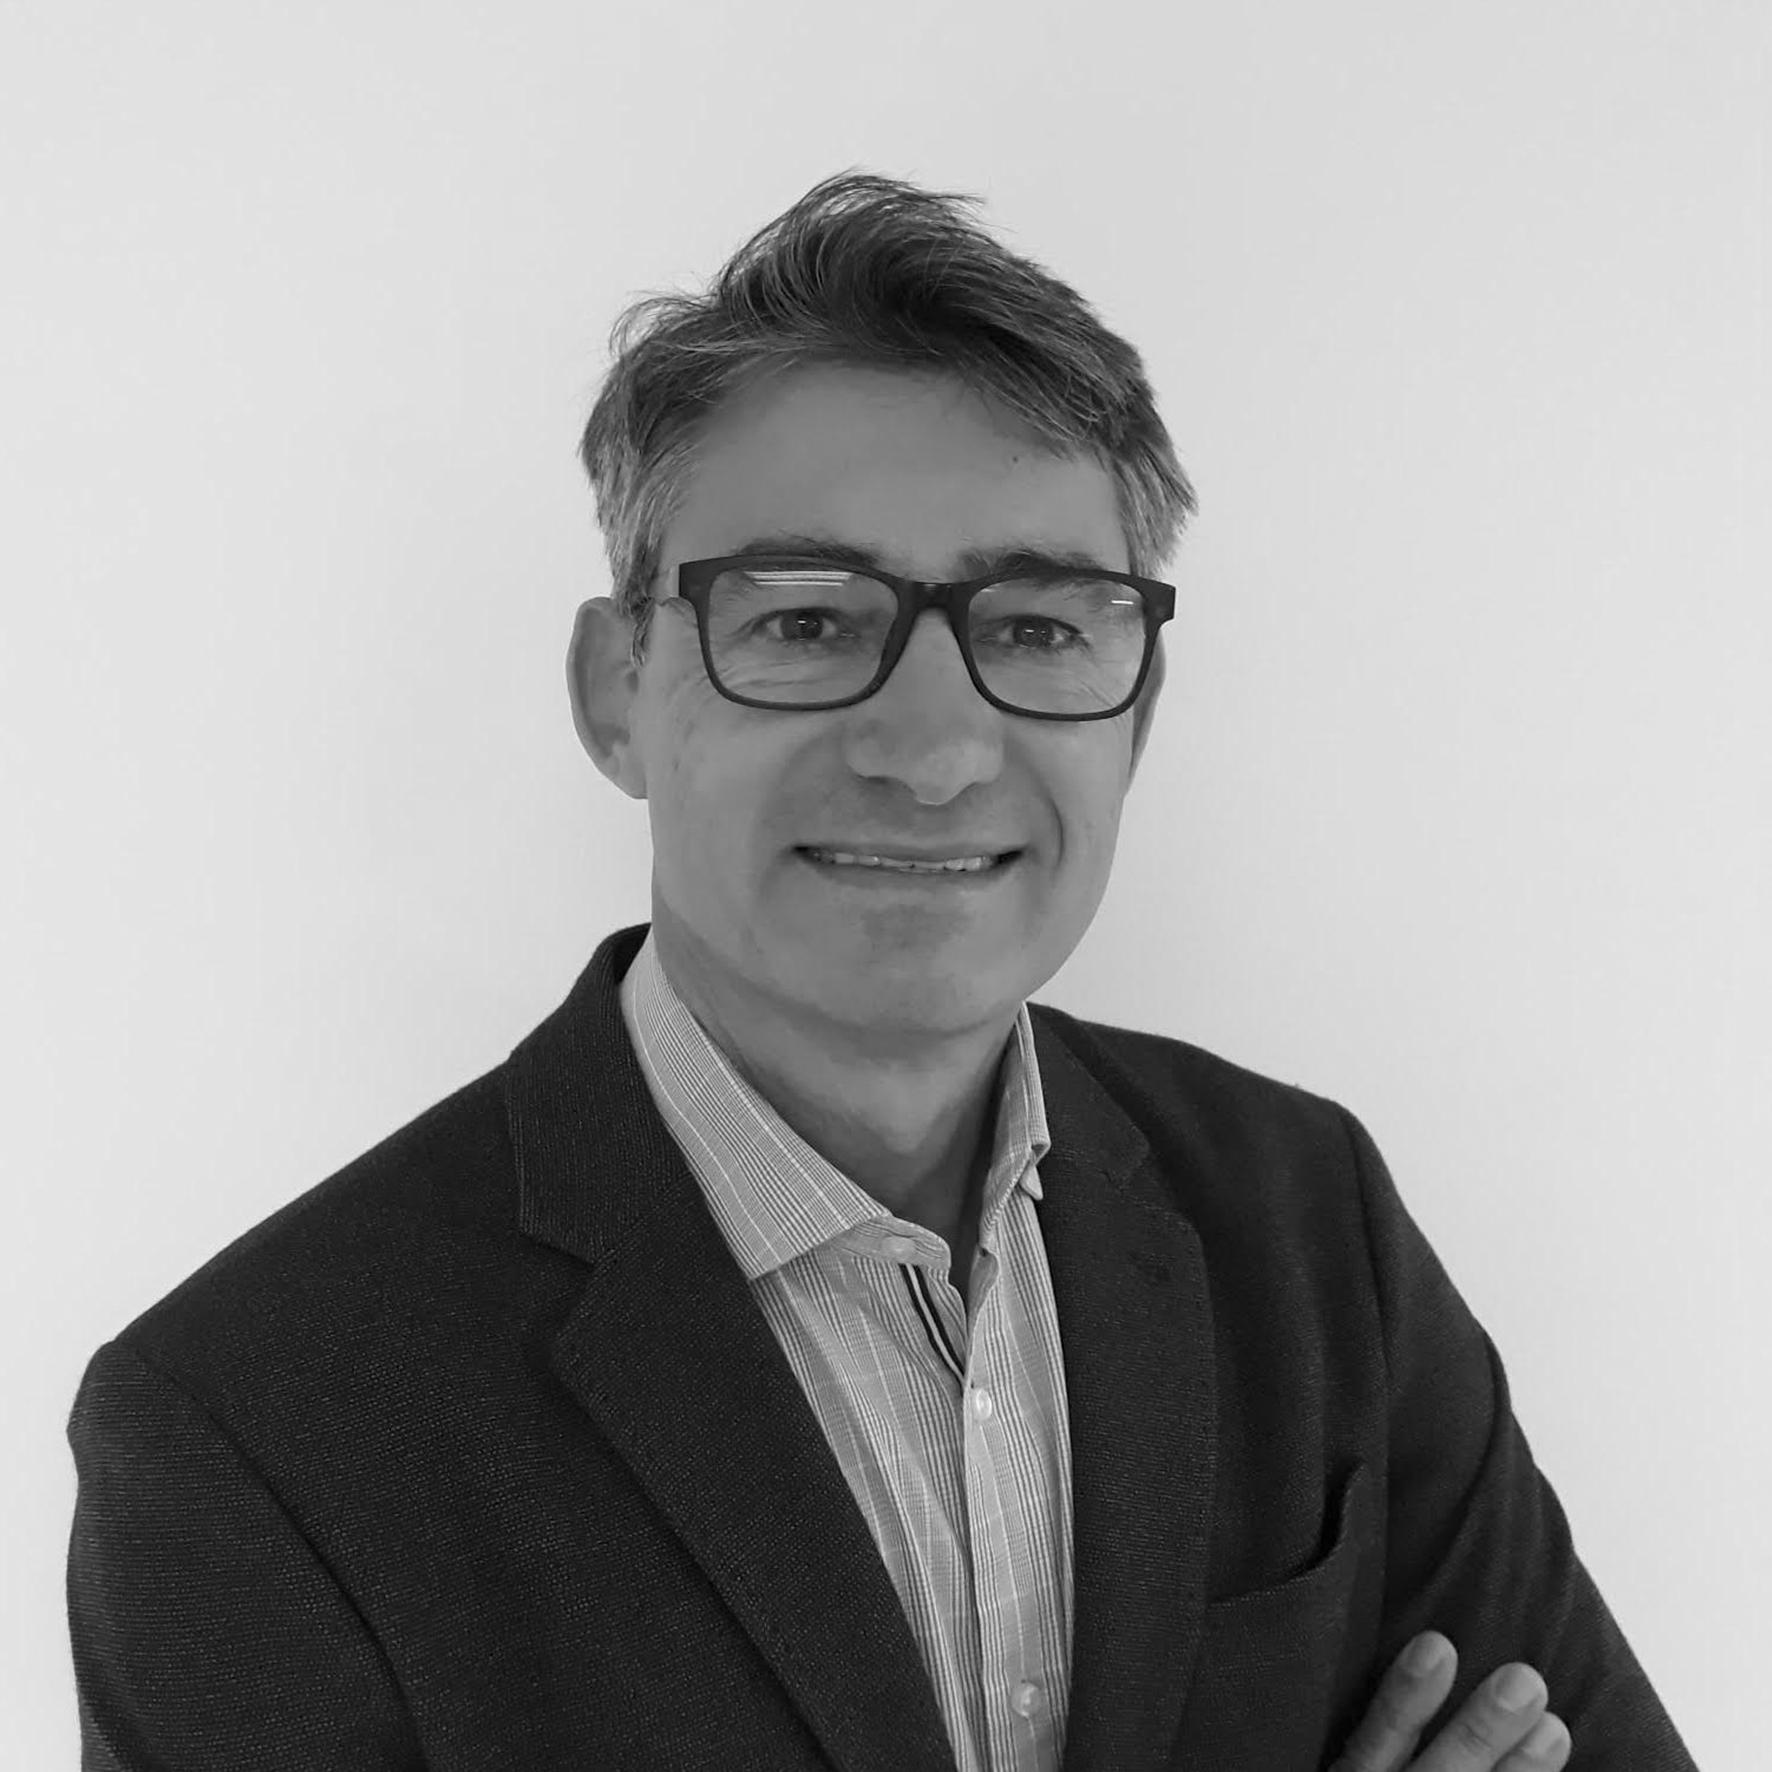 Jose Luis Bravo